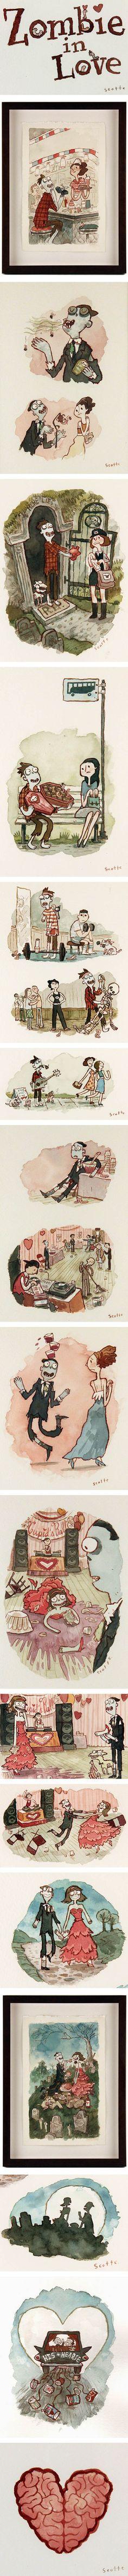 Kelly DiPucchio a écrit un livre pour enfants qui raconte l'histoire de l'aimable Mortimer qui va faire tout ce qu'il peut pour rencontrer la femme de sa vie